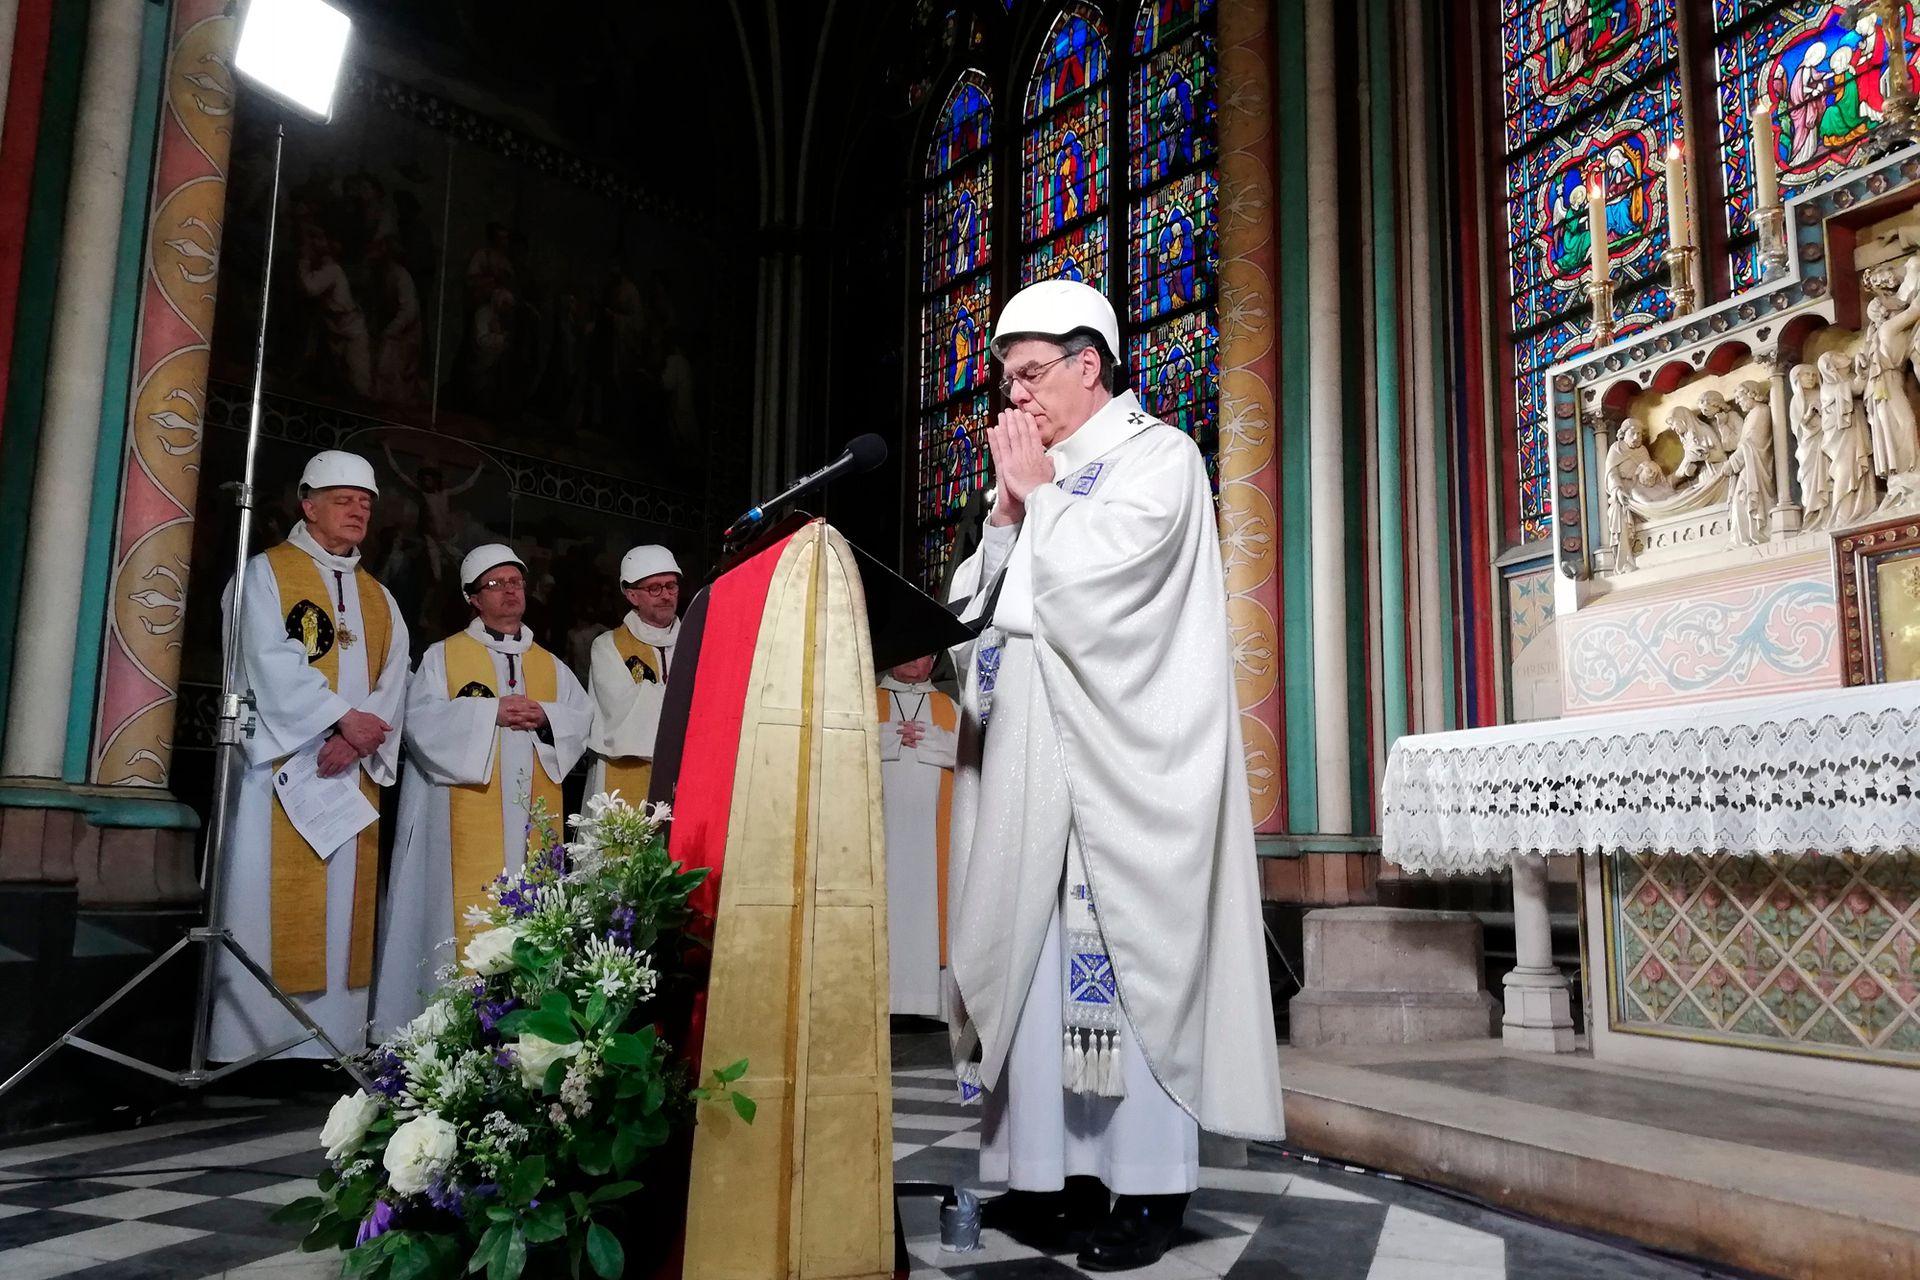 El arzobispo de París encabeza la primera misa, dos meses después del devastador incendio en la catedral de Notre Dame de París